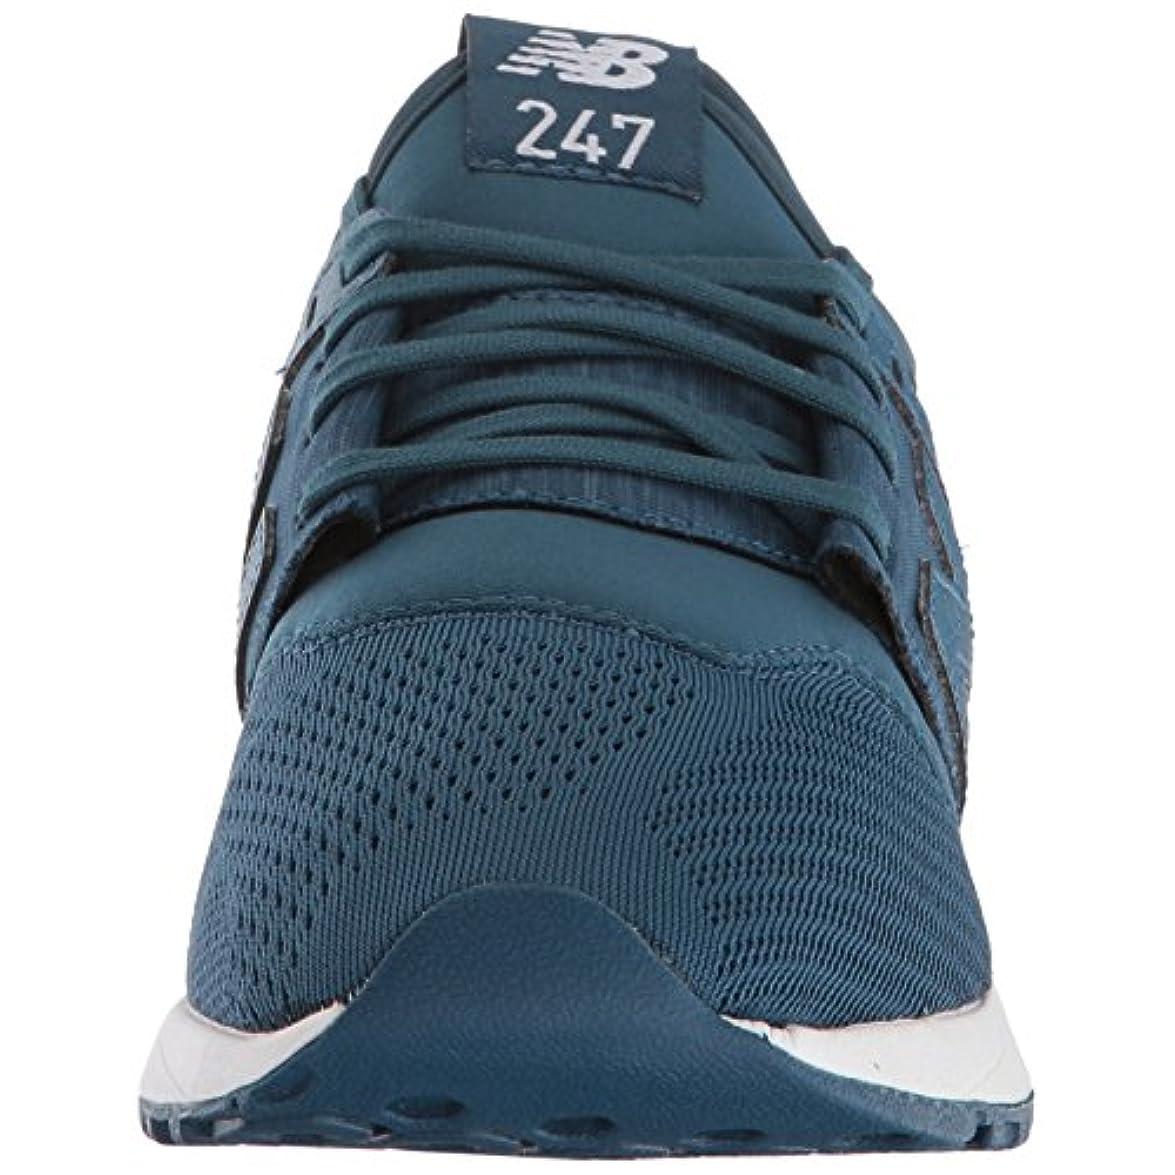 New Balance Wrl247 W Scarpa Grau